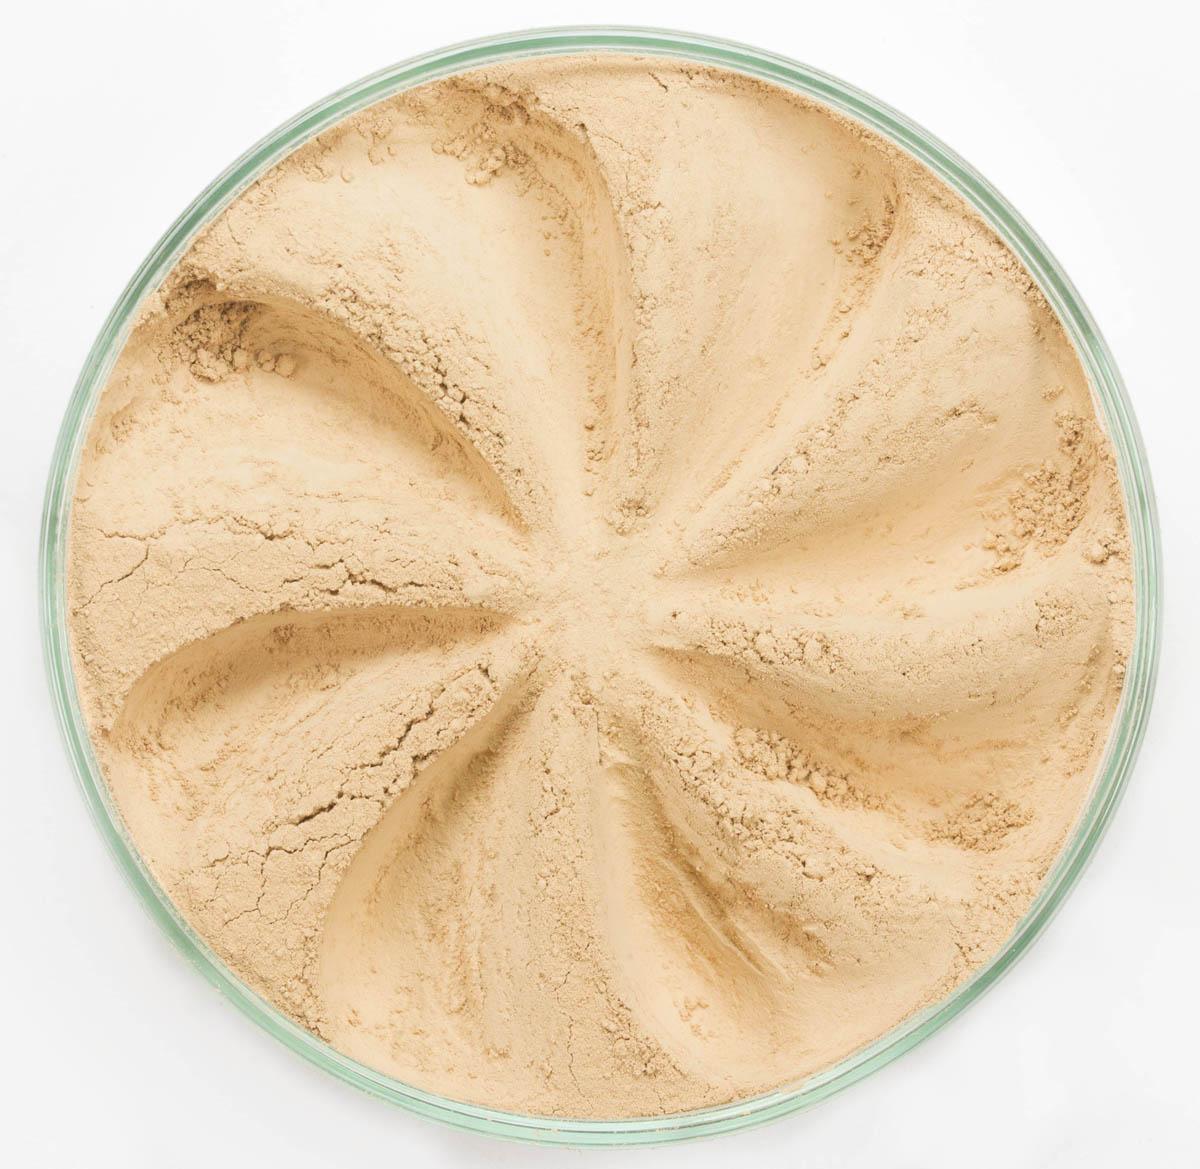 Era Minerals Минеральная Тональная основа Velvet тон 234, 16,5 млFN234Основа Velvet подходит для нормальной и склонной к сухости кожи, обеспечивает легкое или умеренное покрытие с матирующим эффектом. Без отдушек и масел, для всех типов кожи Водостойкое, долгосрочное покрытие Широкий спектр фильтров UVB/UVA, протестированных при SPF 30+ Некомедогенно, не блокирует поры Дерматологически протестировано, не аллергенно Антибактериальные ингредиенты, помогает успокоить раздраженную кожу Состоит из неактивных минералов, не способствует развитию бактерий Не тестировано на животных Вес нетто 7г (стандартный размер)